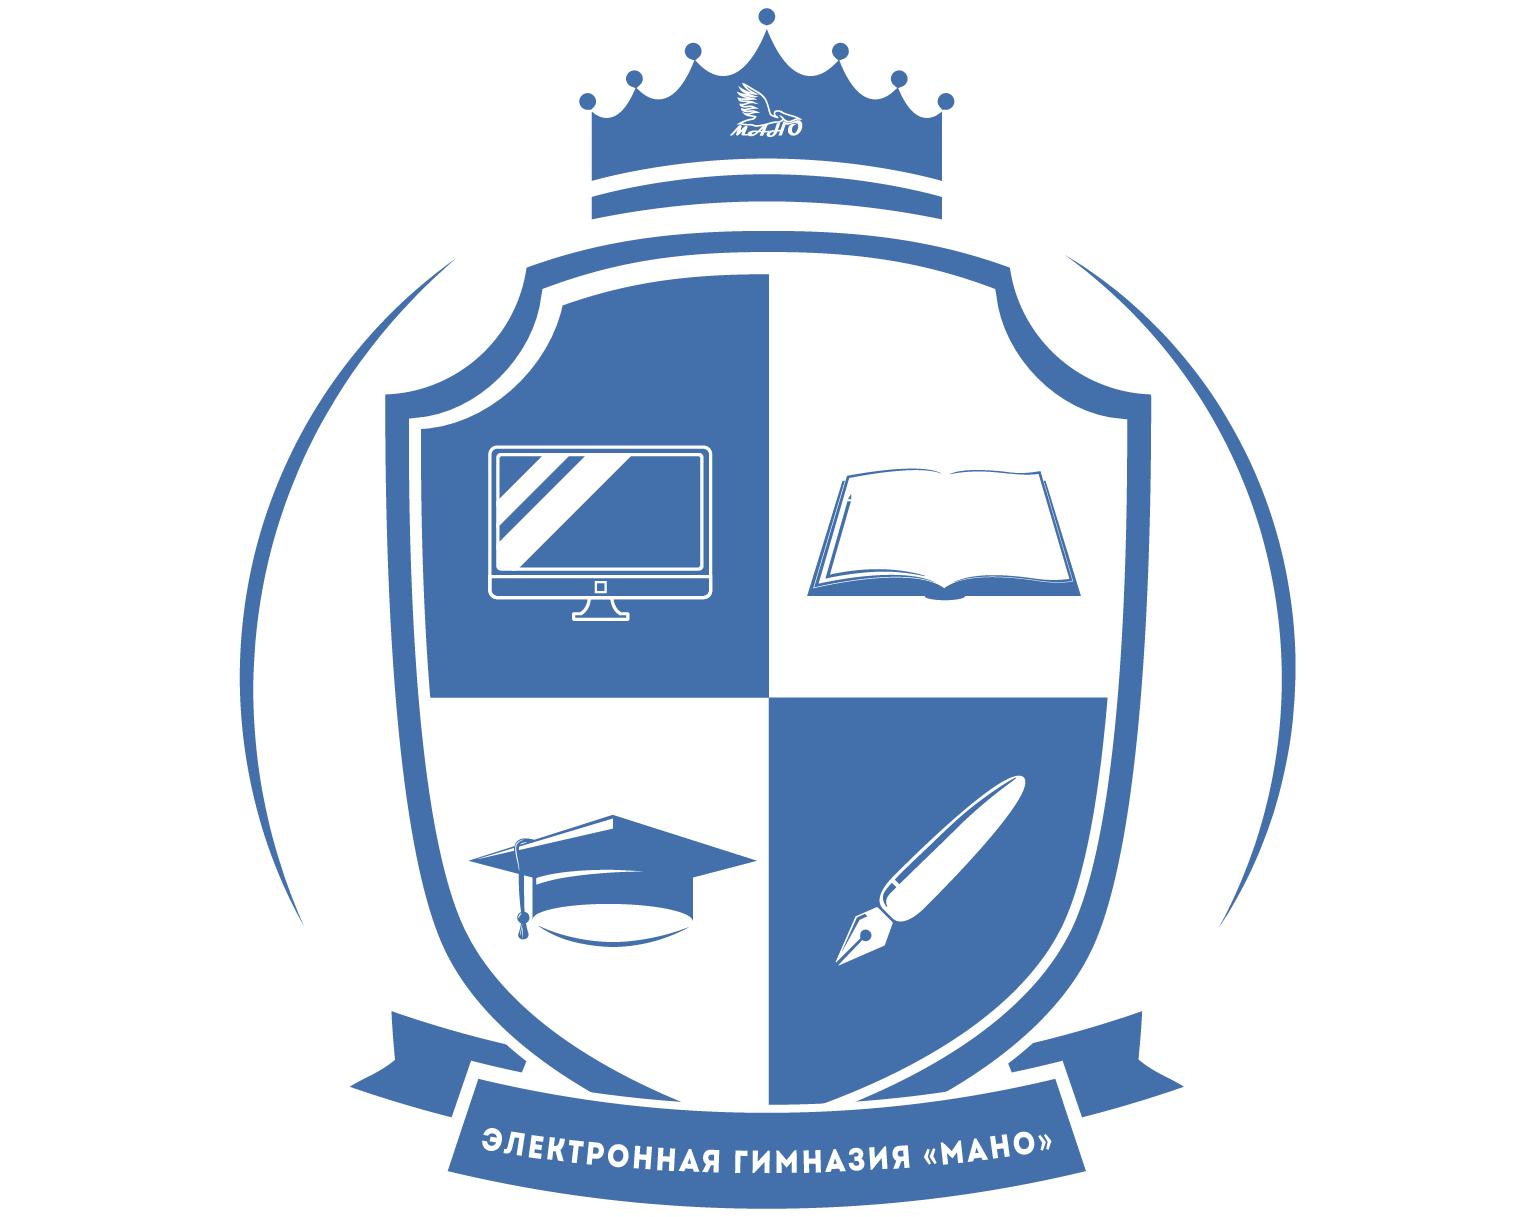 Gimnaziya-logotip.png